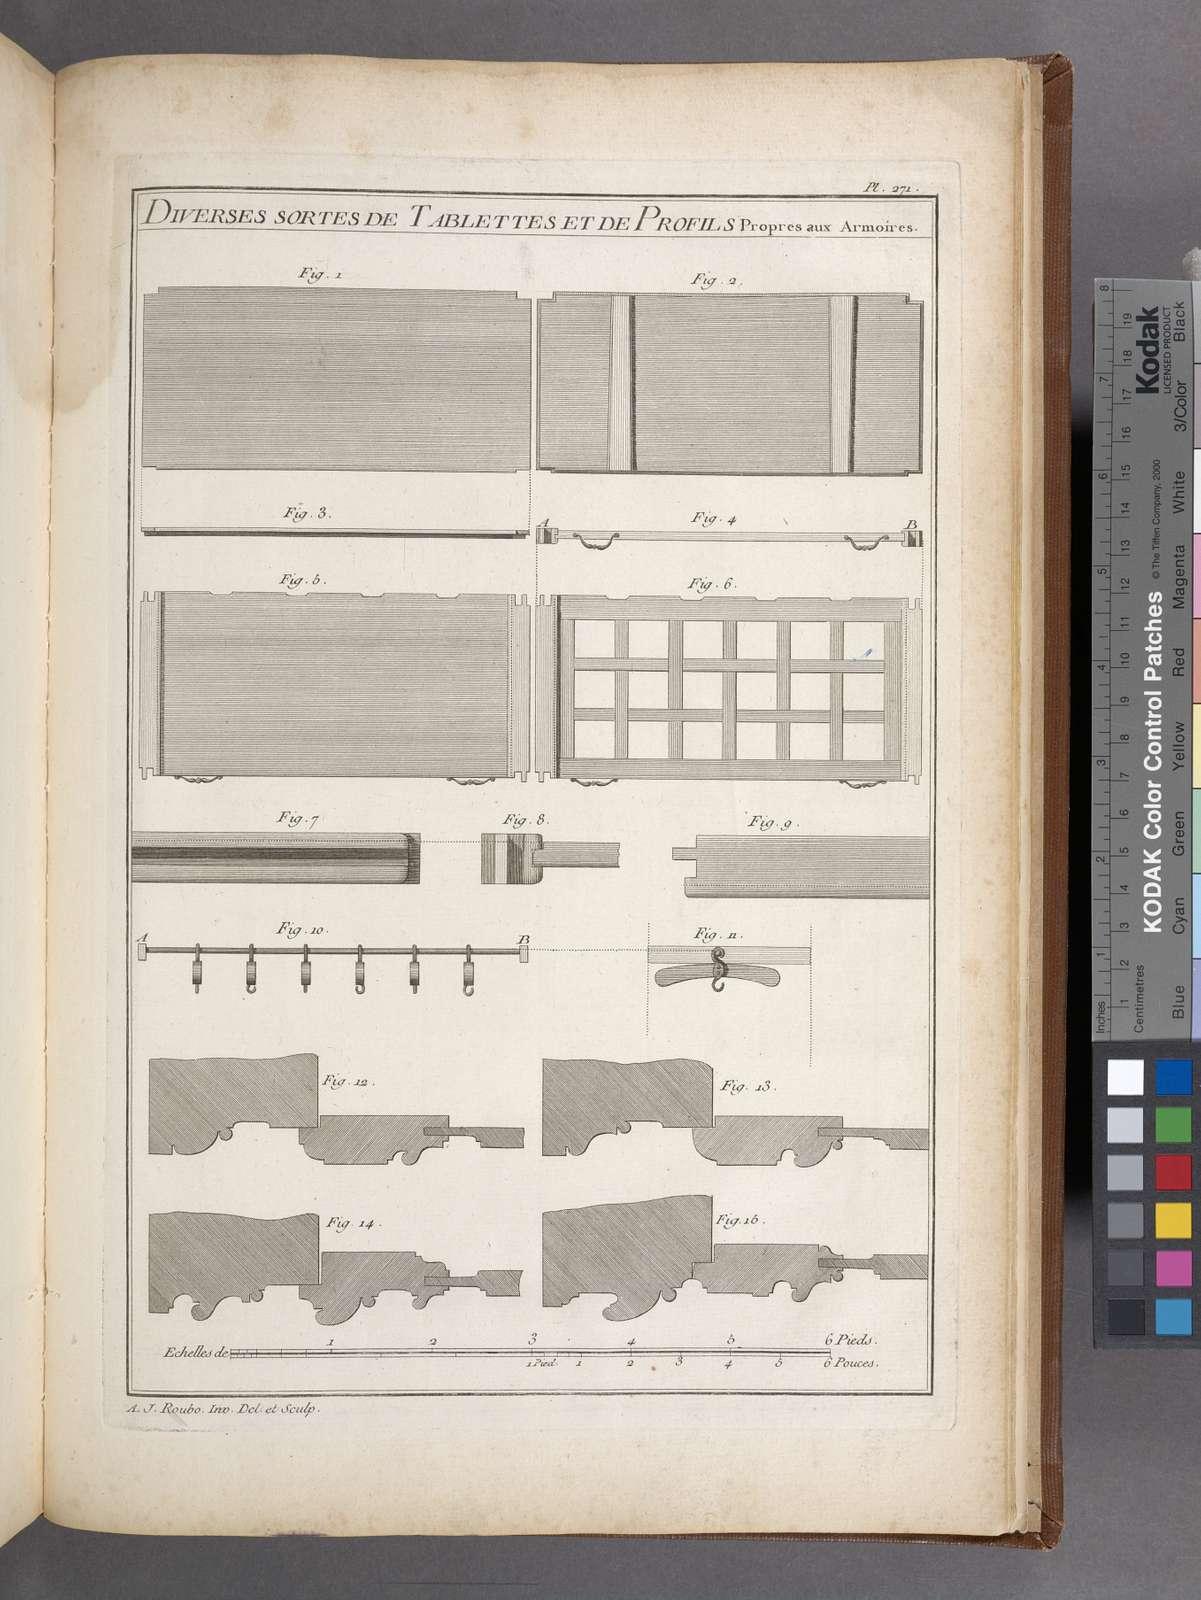 Diverses sortes de tablettes et de profils propres aux armoires.